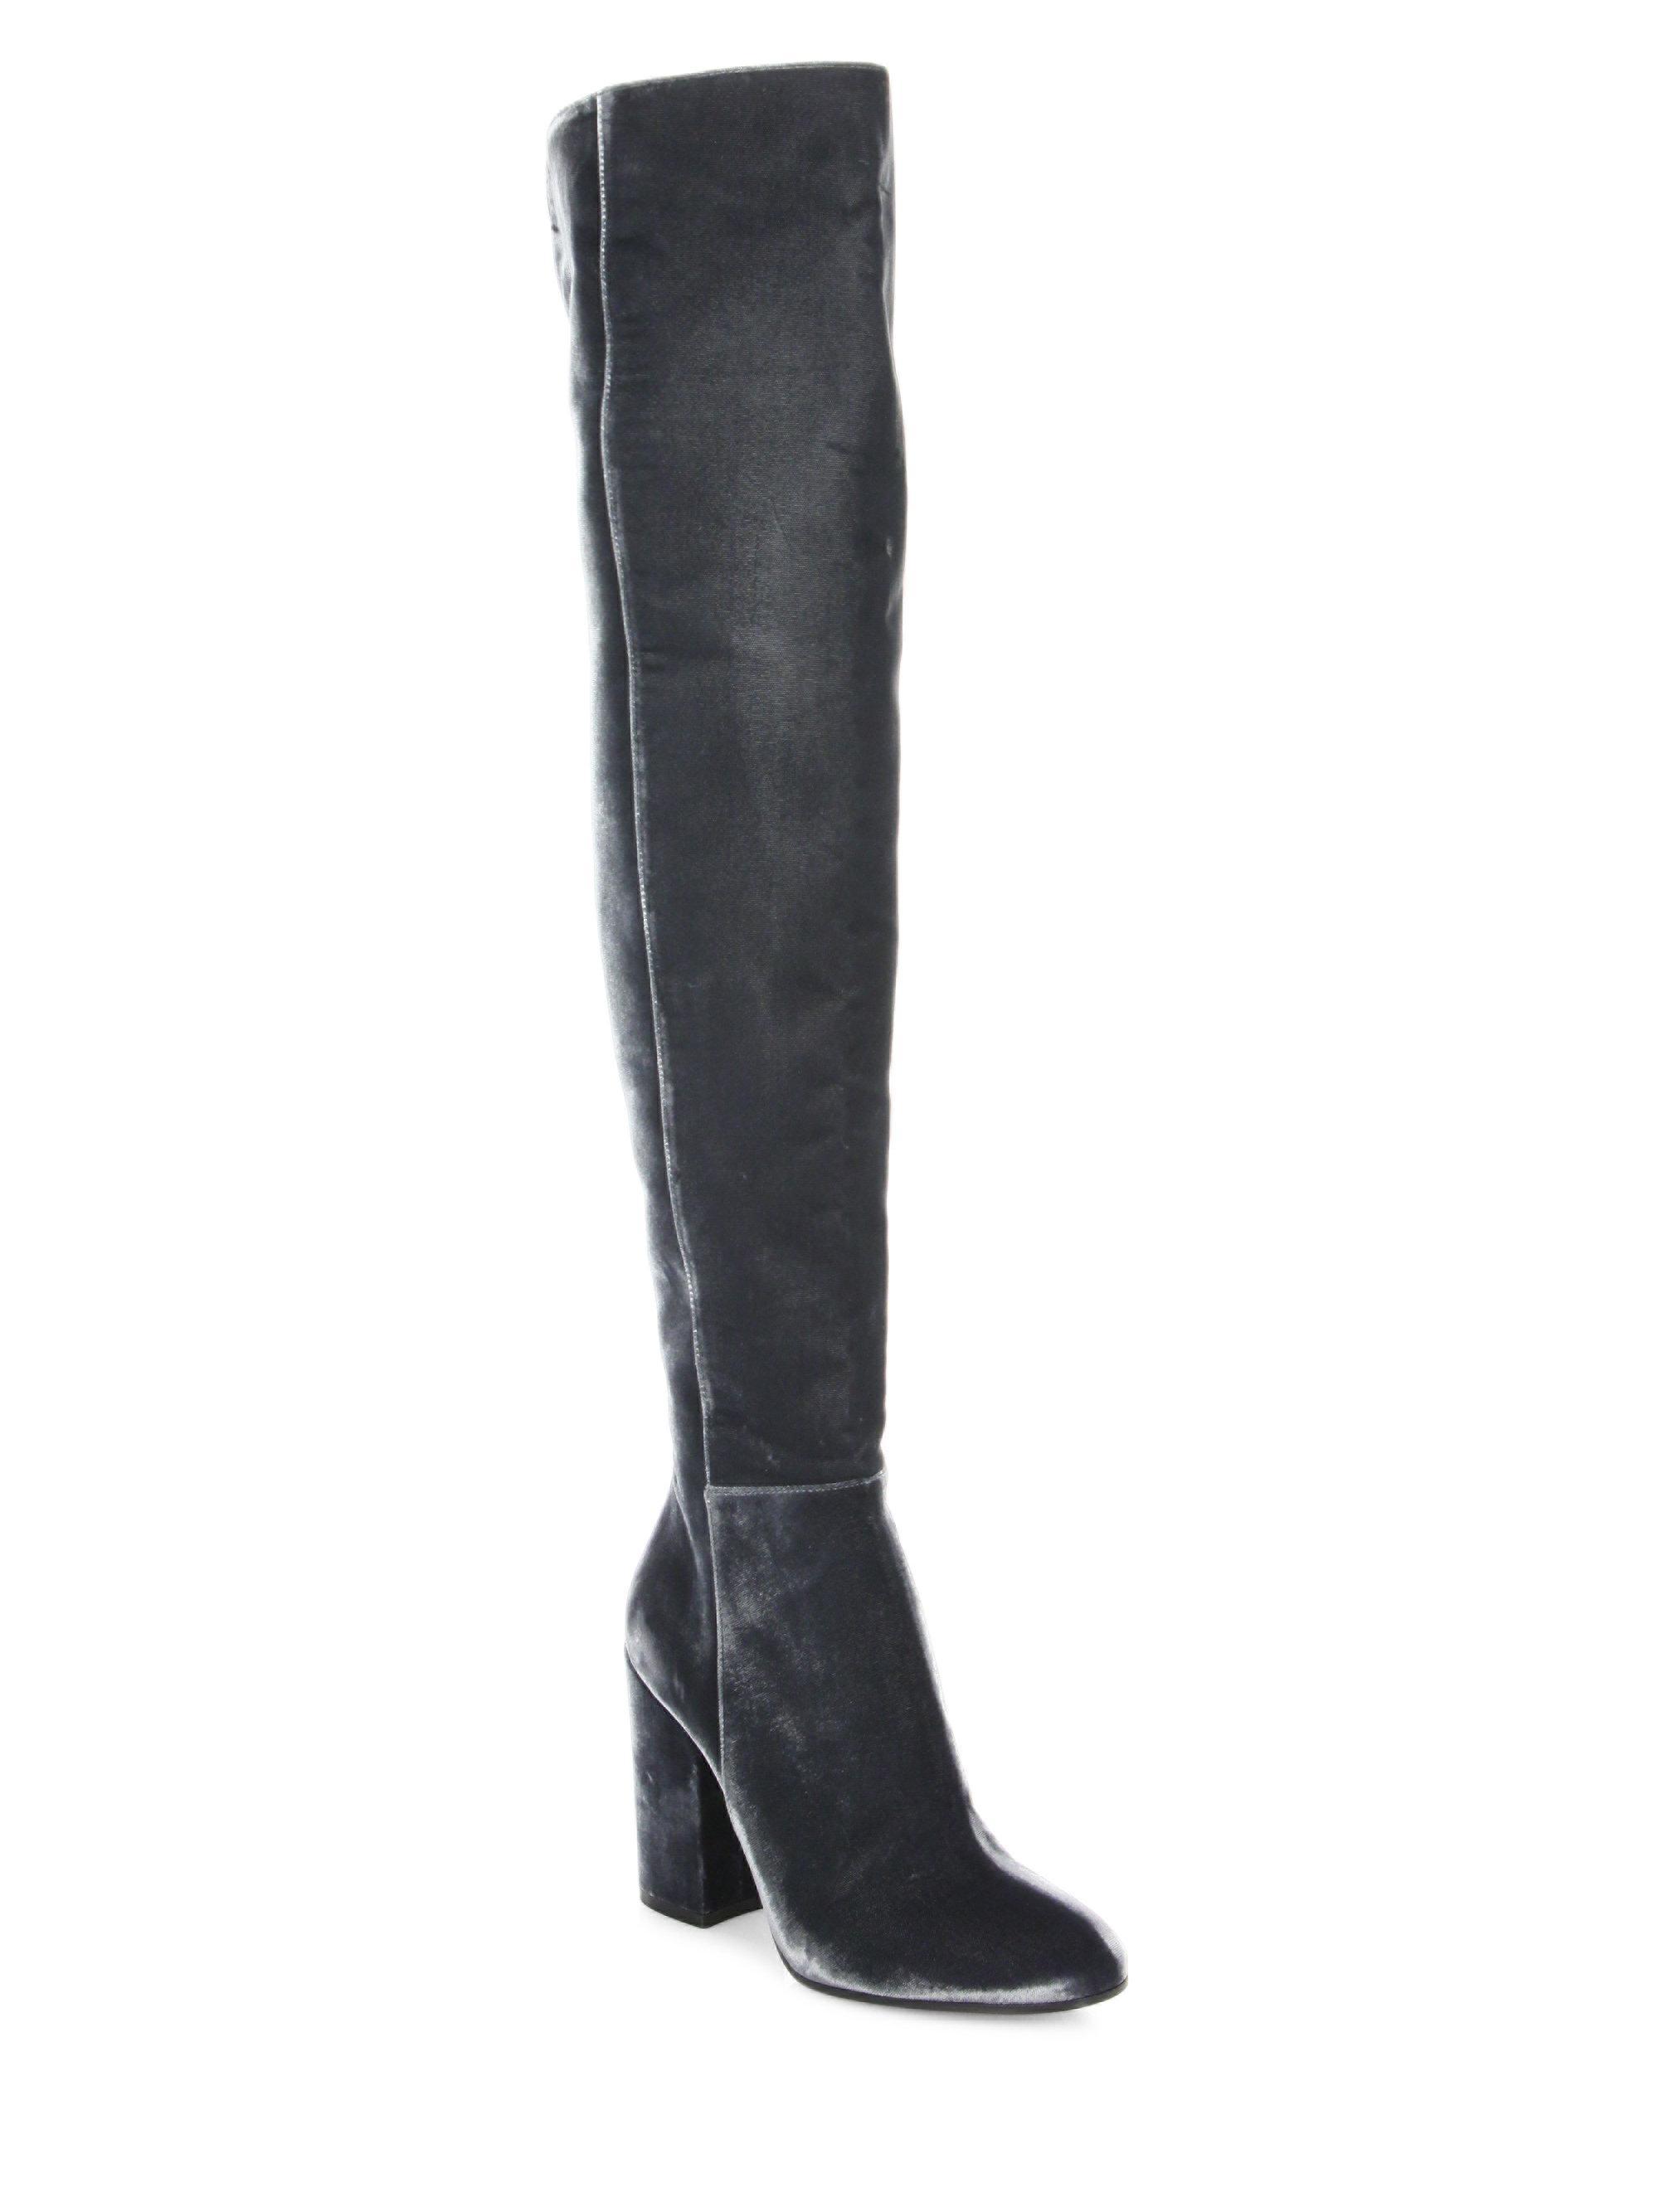 Gianvito RossiVelvet Over-The-Knee Block Heel Boots gIOG8